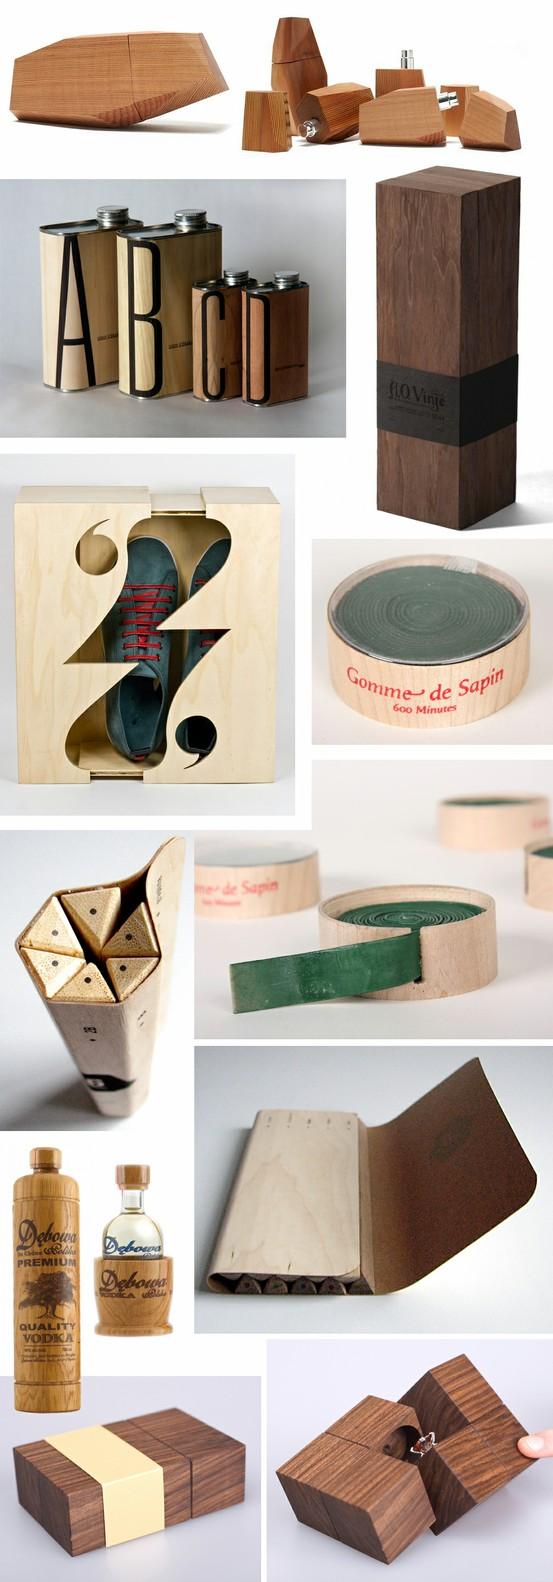 Wood packaging pt.2 at Förpackad